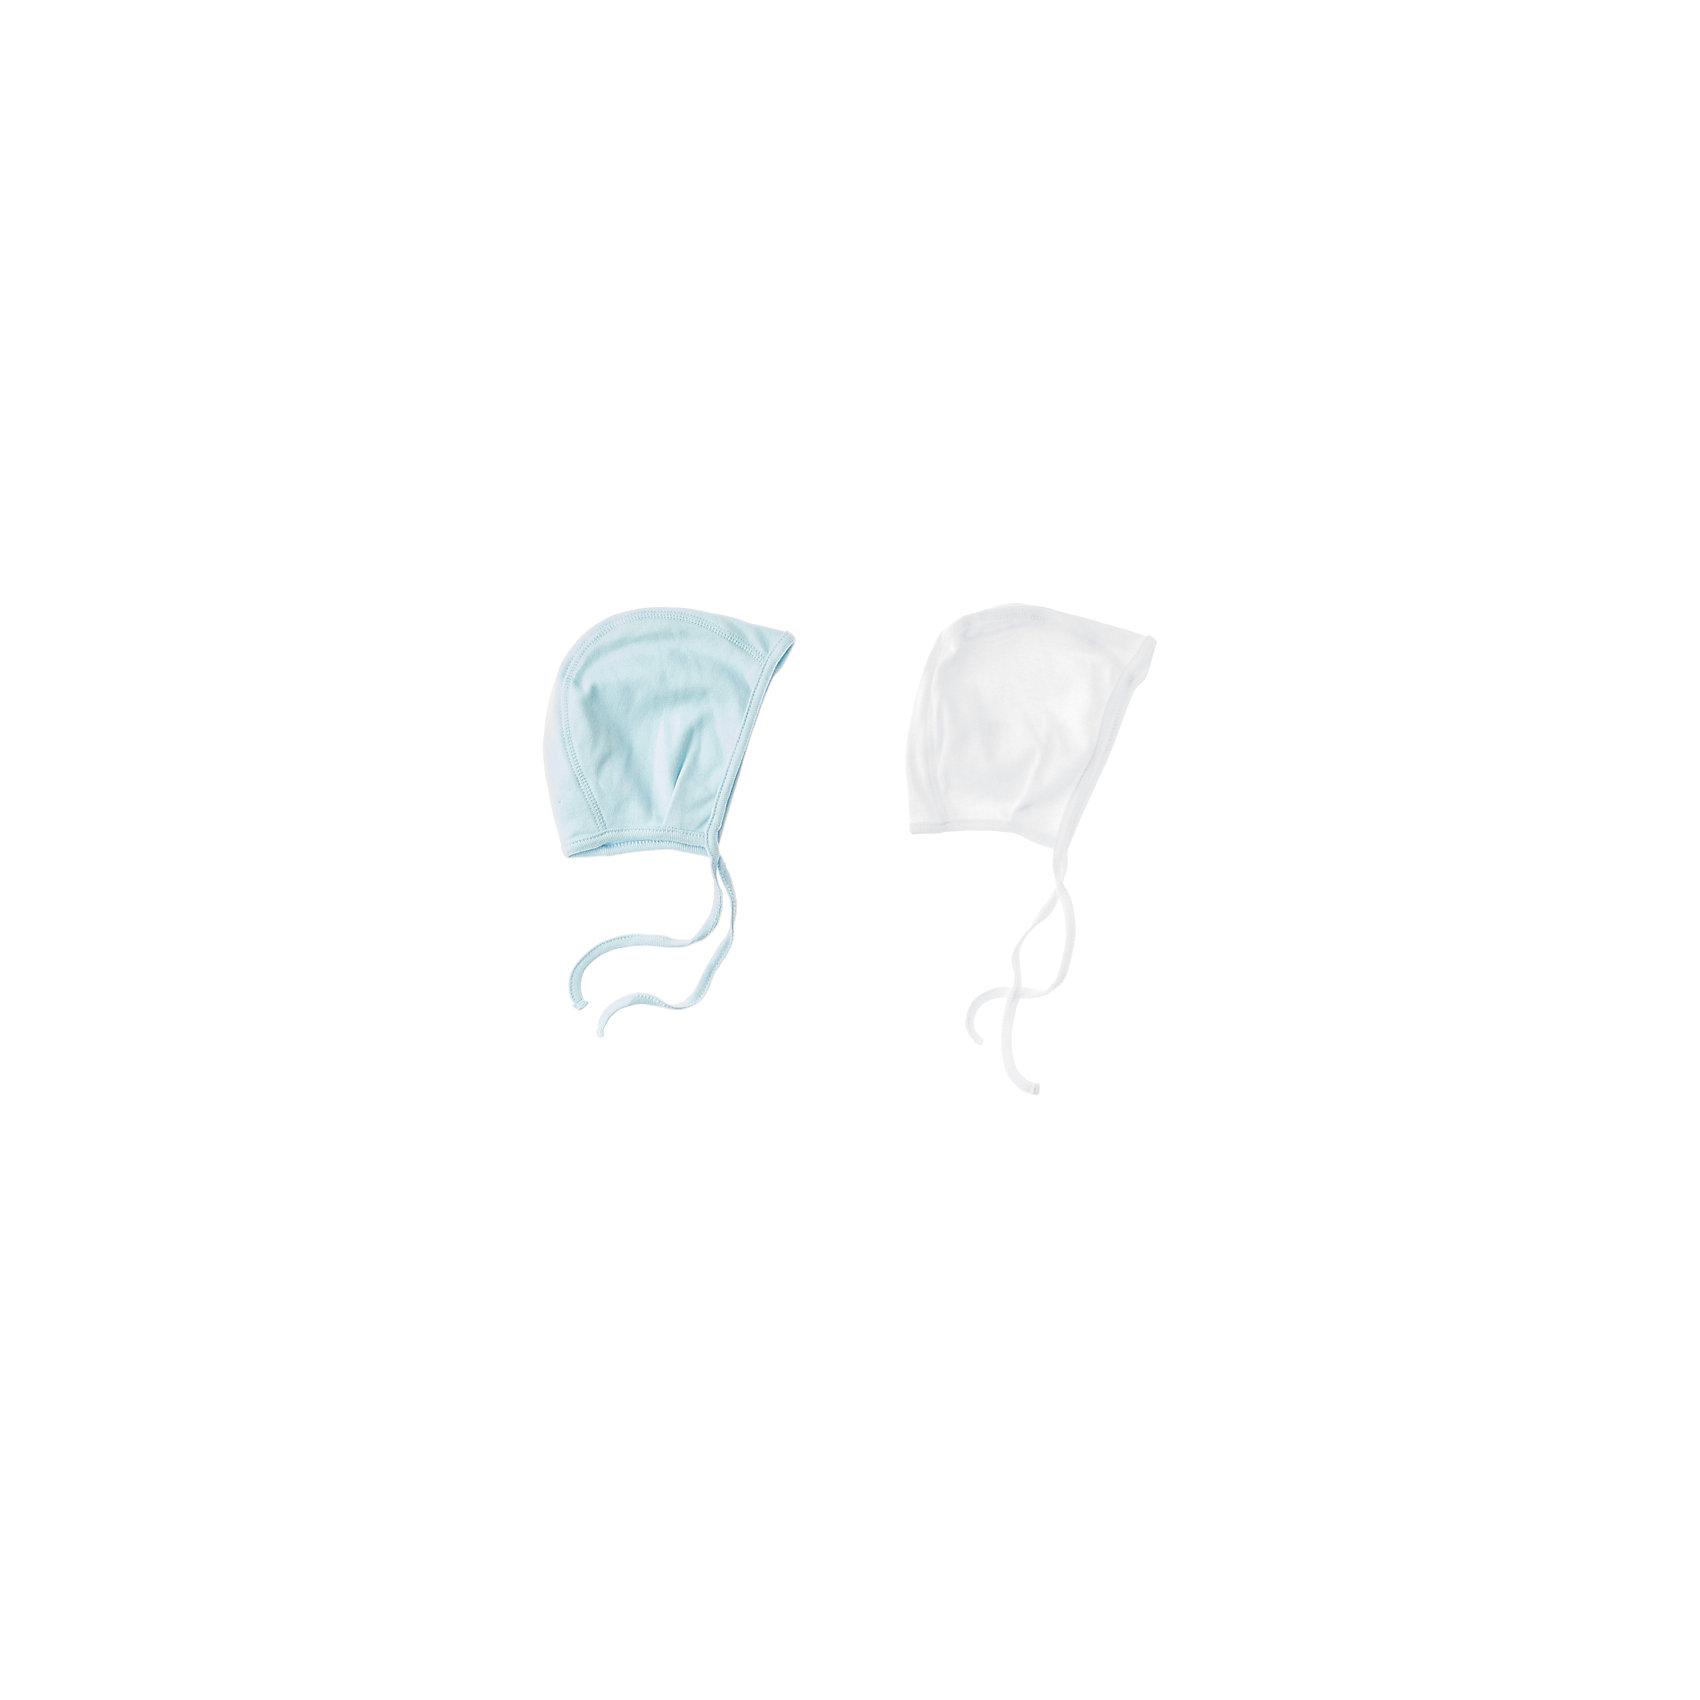 Чепчик (2 шт.) для мальчика PlayTodayШапочки<br>Чепчик (2 шт.) для мальчика PlayToday Комплект из двух хлопковых чепчиков для новорожденного. Состав: 100% хлопок<br><br>Ширина мм: 157<br>Глубина мм: 13<br>Высота мм: 119<br>Вес г: 200<br>Цвет: белый<br>Возраст от месяцев: 6<br>Возраст до месяцев: 9<br>Пол: Мужской<br>Возраст: Детский<br>Размер: 44,40,42<br>SKU: 4229215